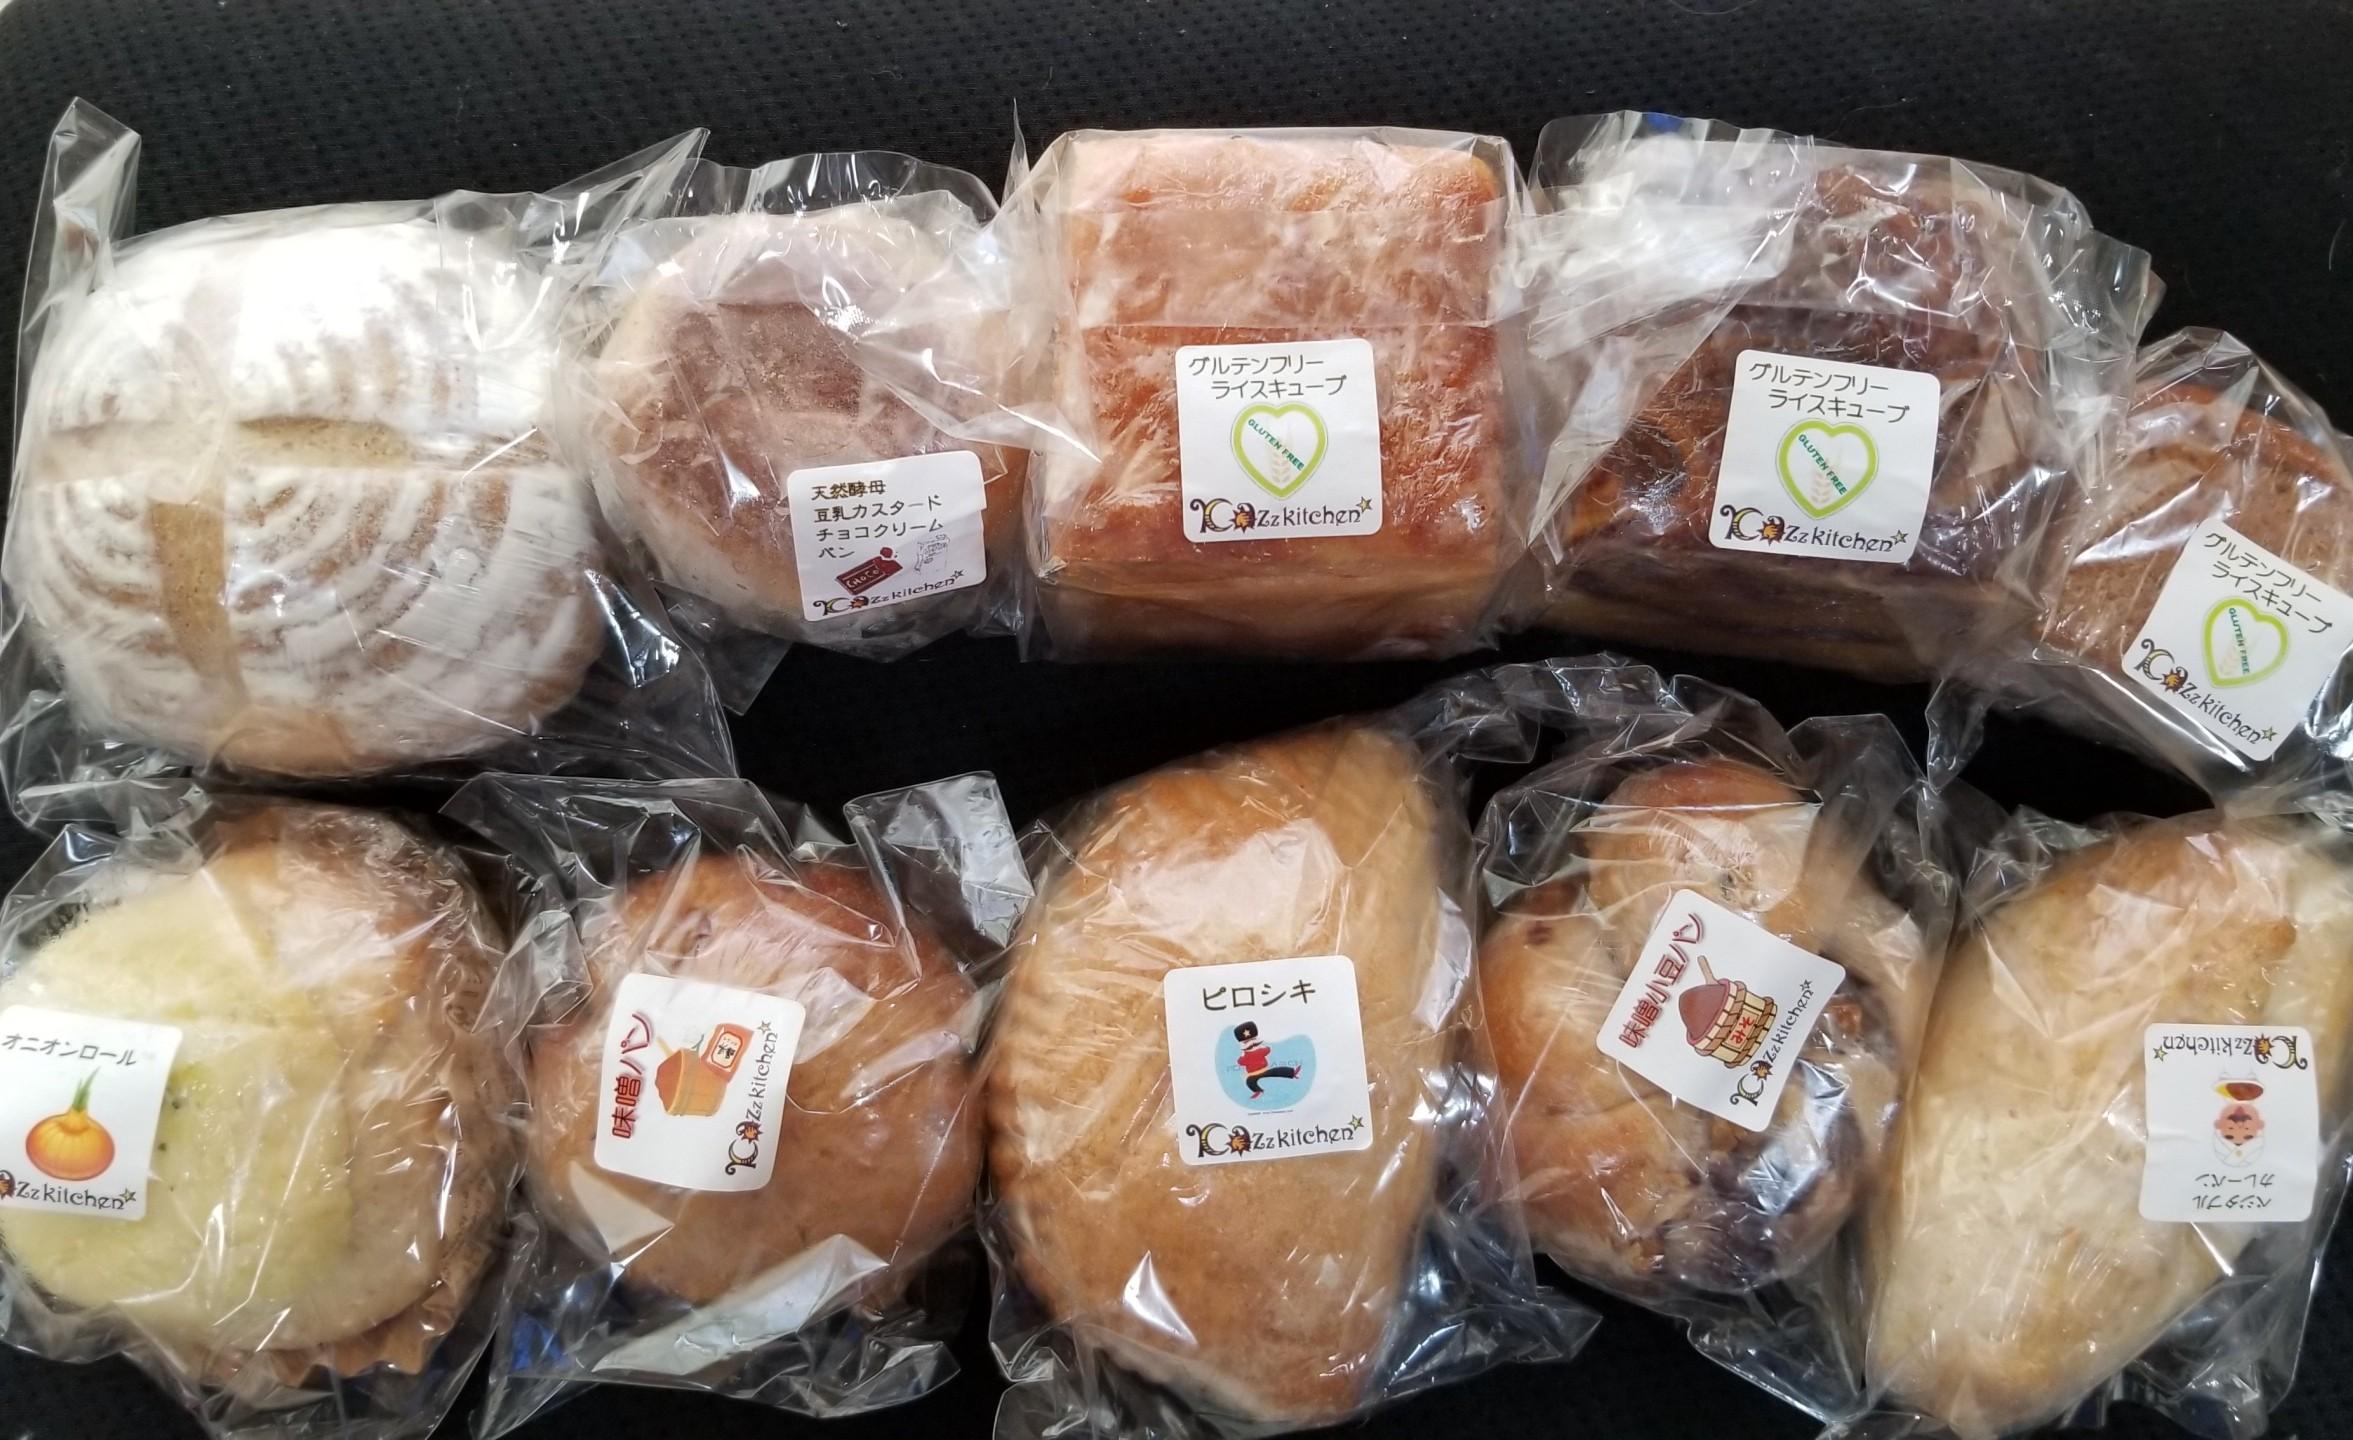 グルテンフリー, ビーガン主義, 完全植物性, 美味しいパン